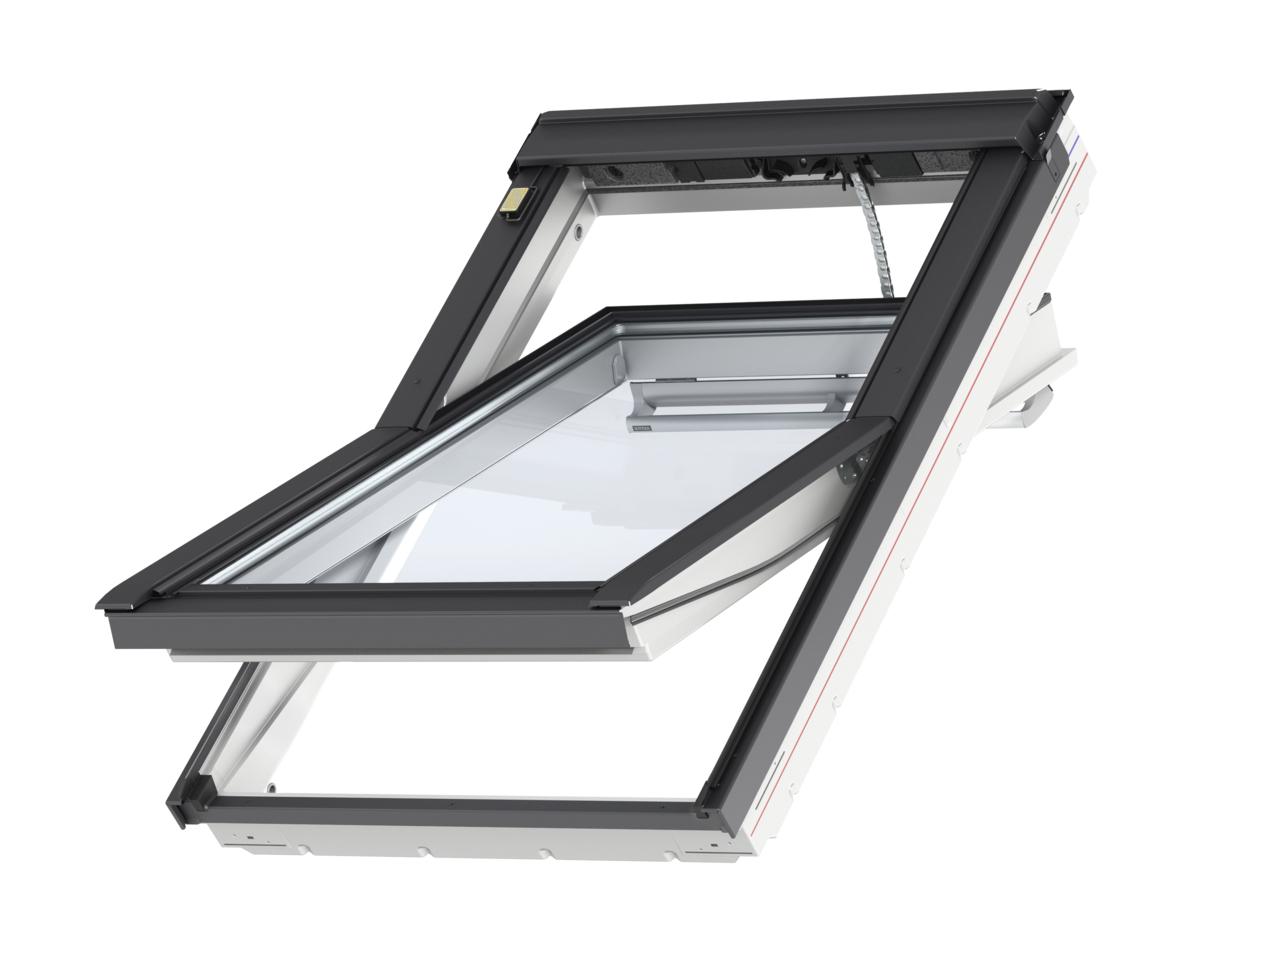 Střešní okno VELUX GGU 006621 Integra rozměr: MK08 78x140 cm